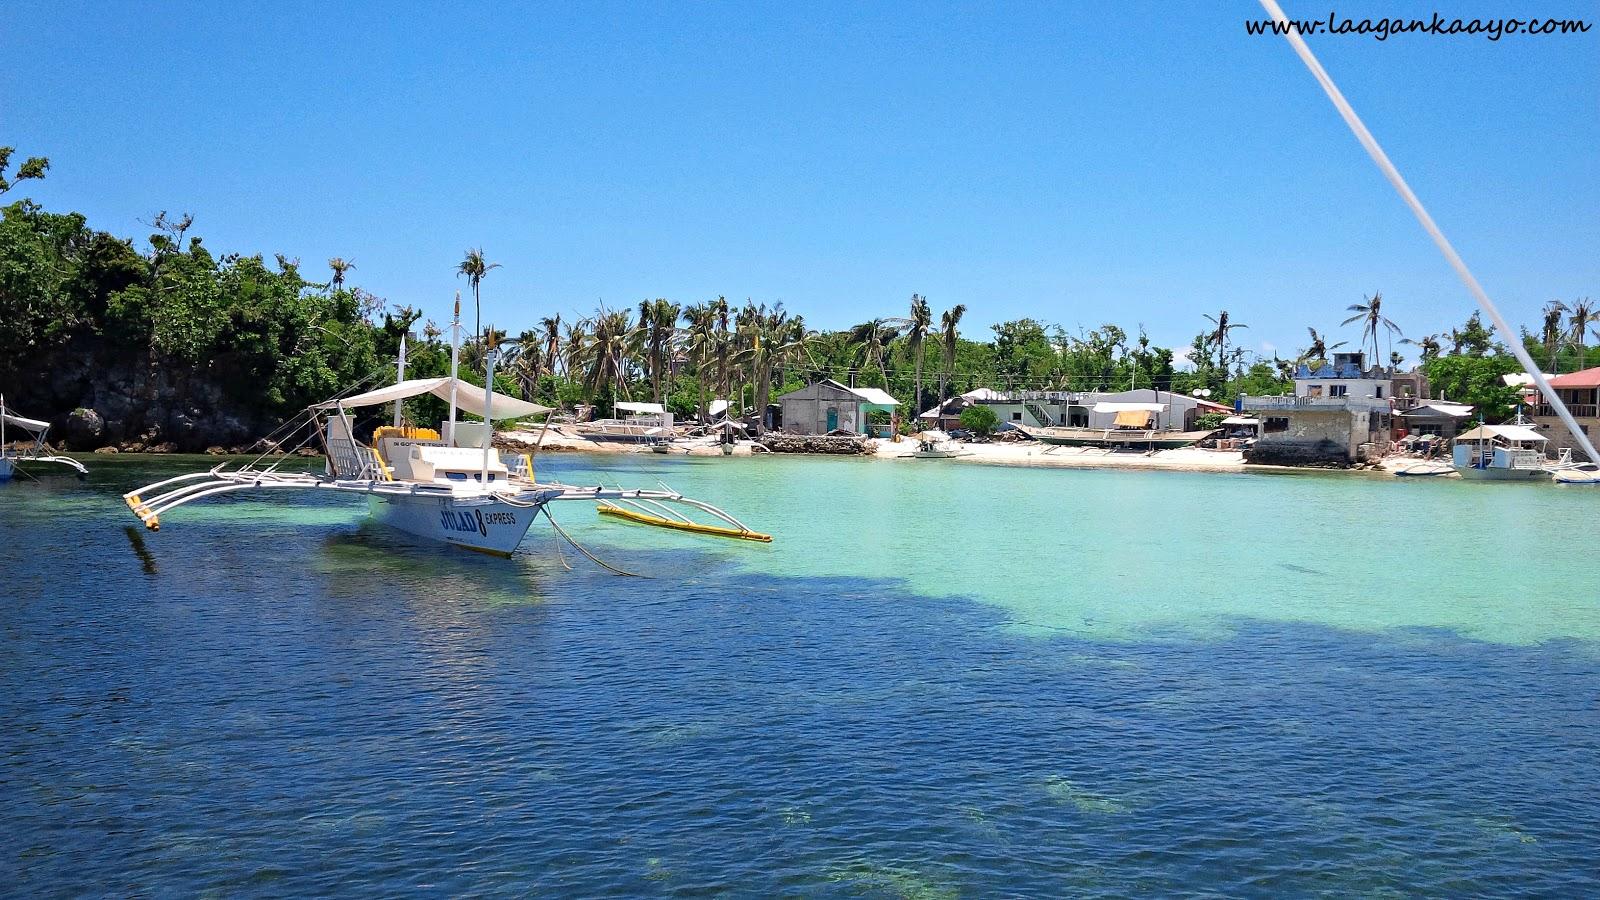 Laagan Kaayo at Malapascua Island